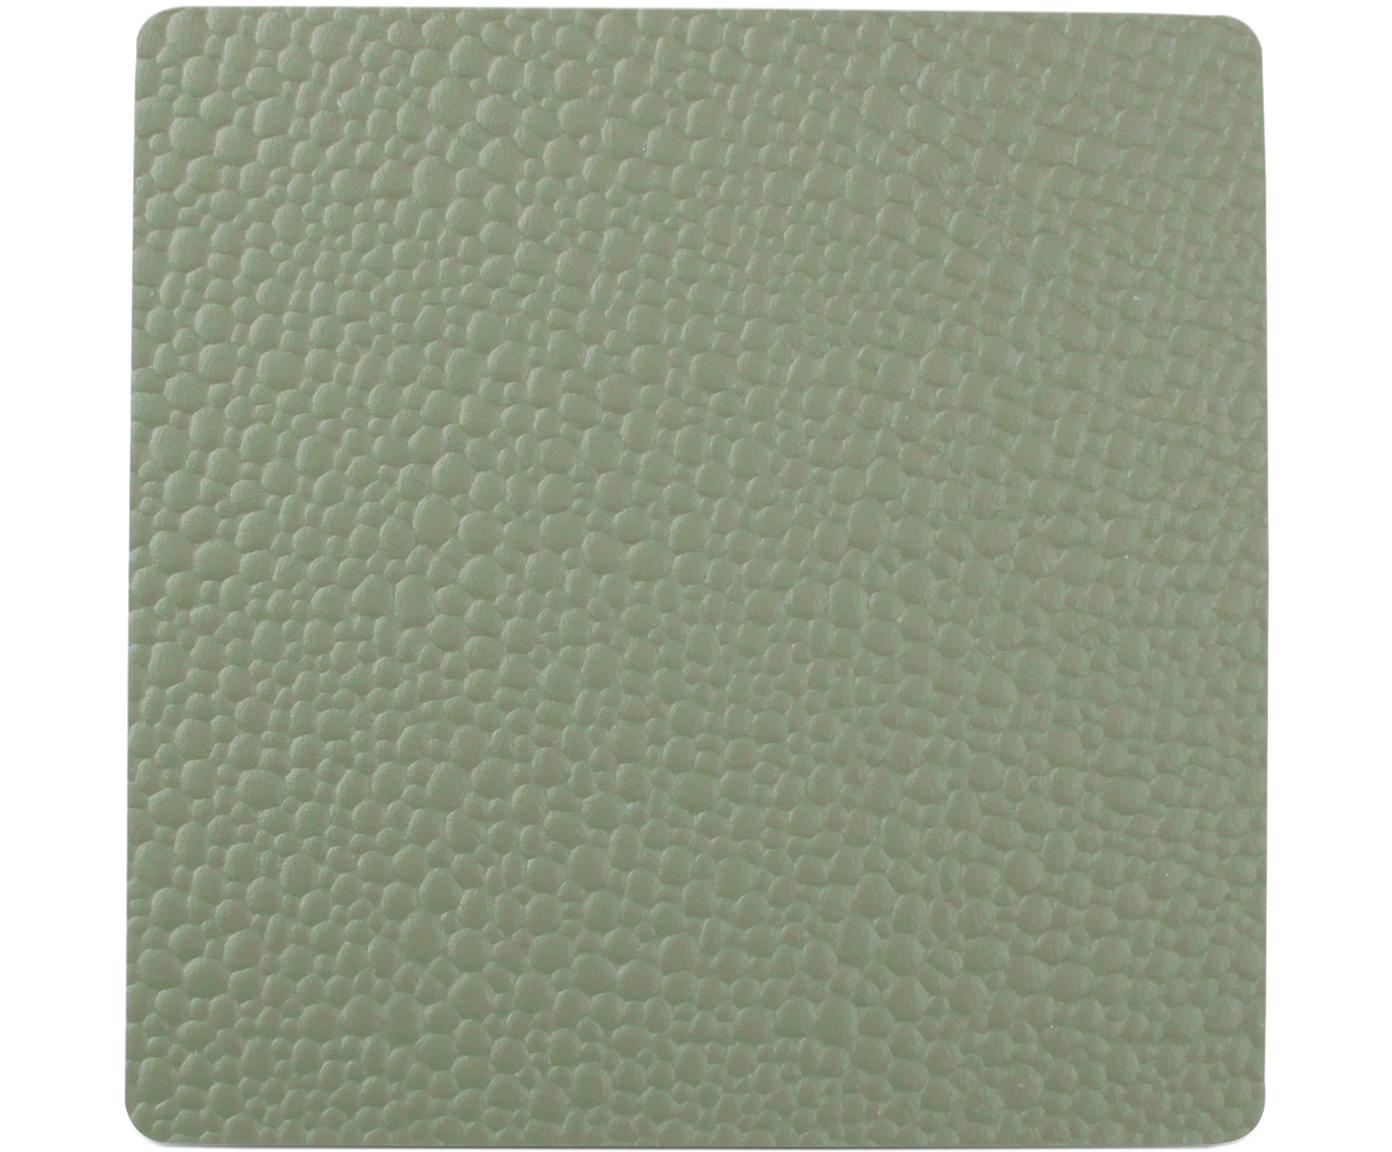 Podstawka Tably, 4 szt., Sztuczna skóra, Zielony, S 10 x W 2 cm